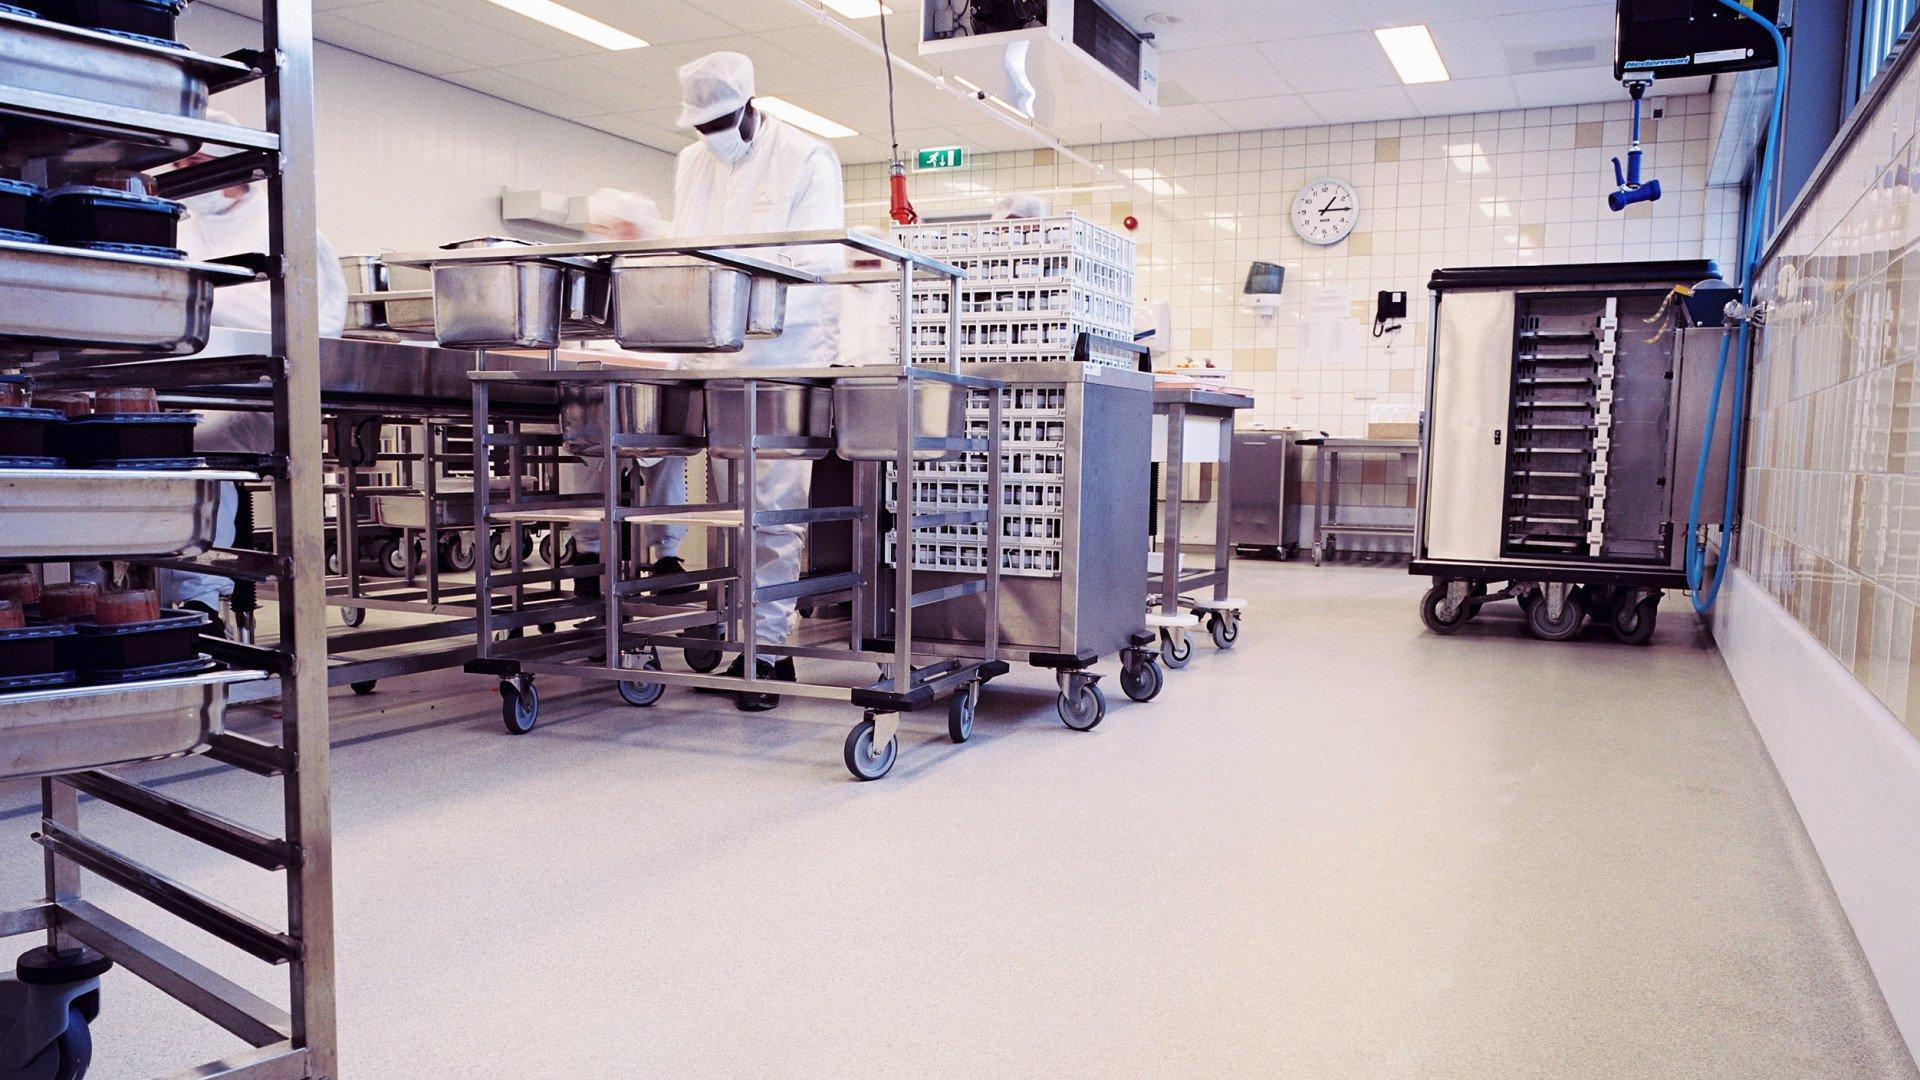 Psycho Medisch Centrum Parnassia Den Haag Bolidtop 700